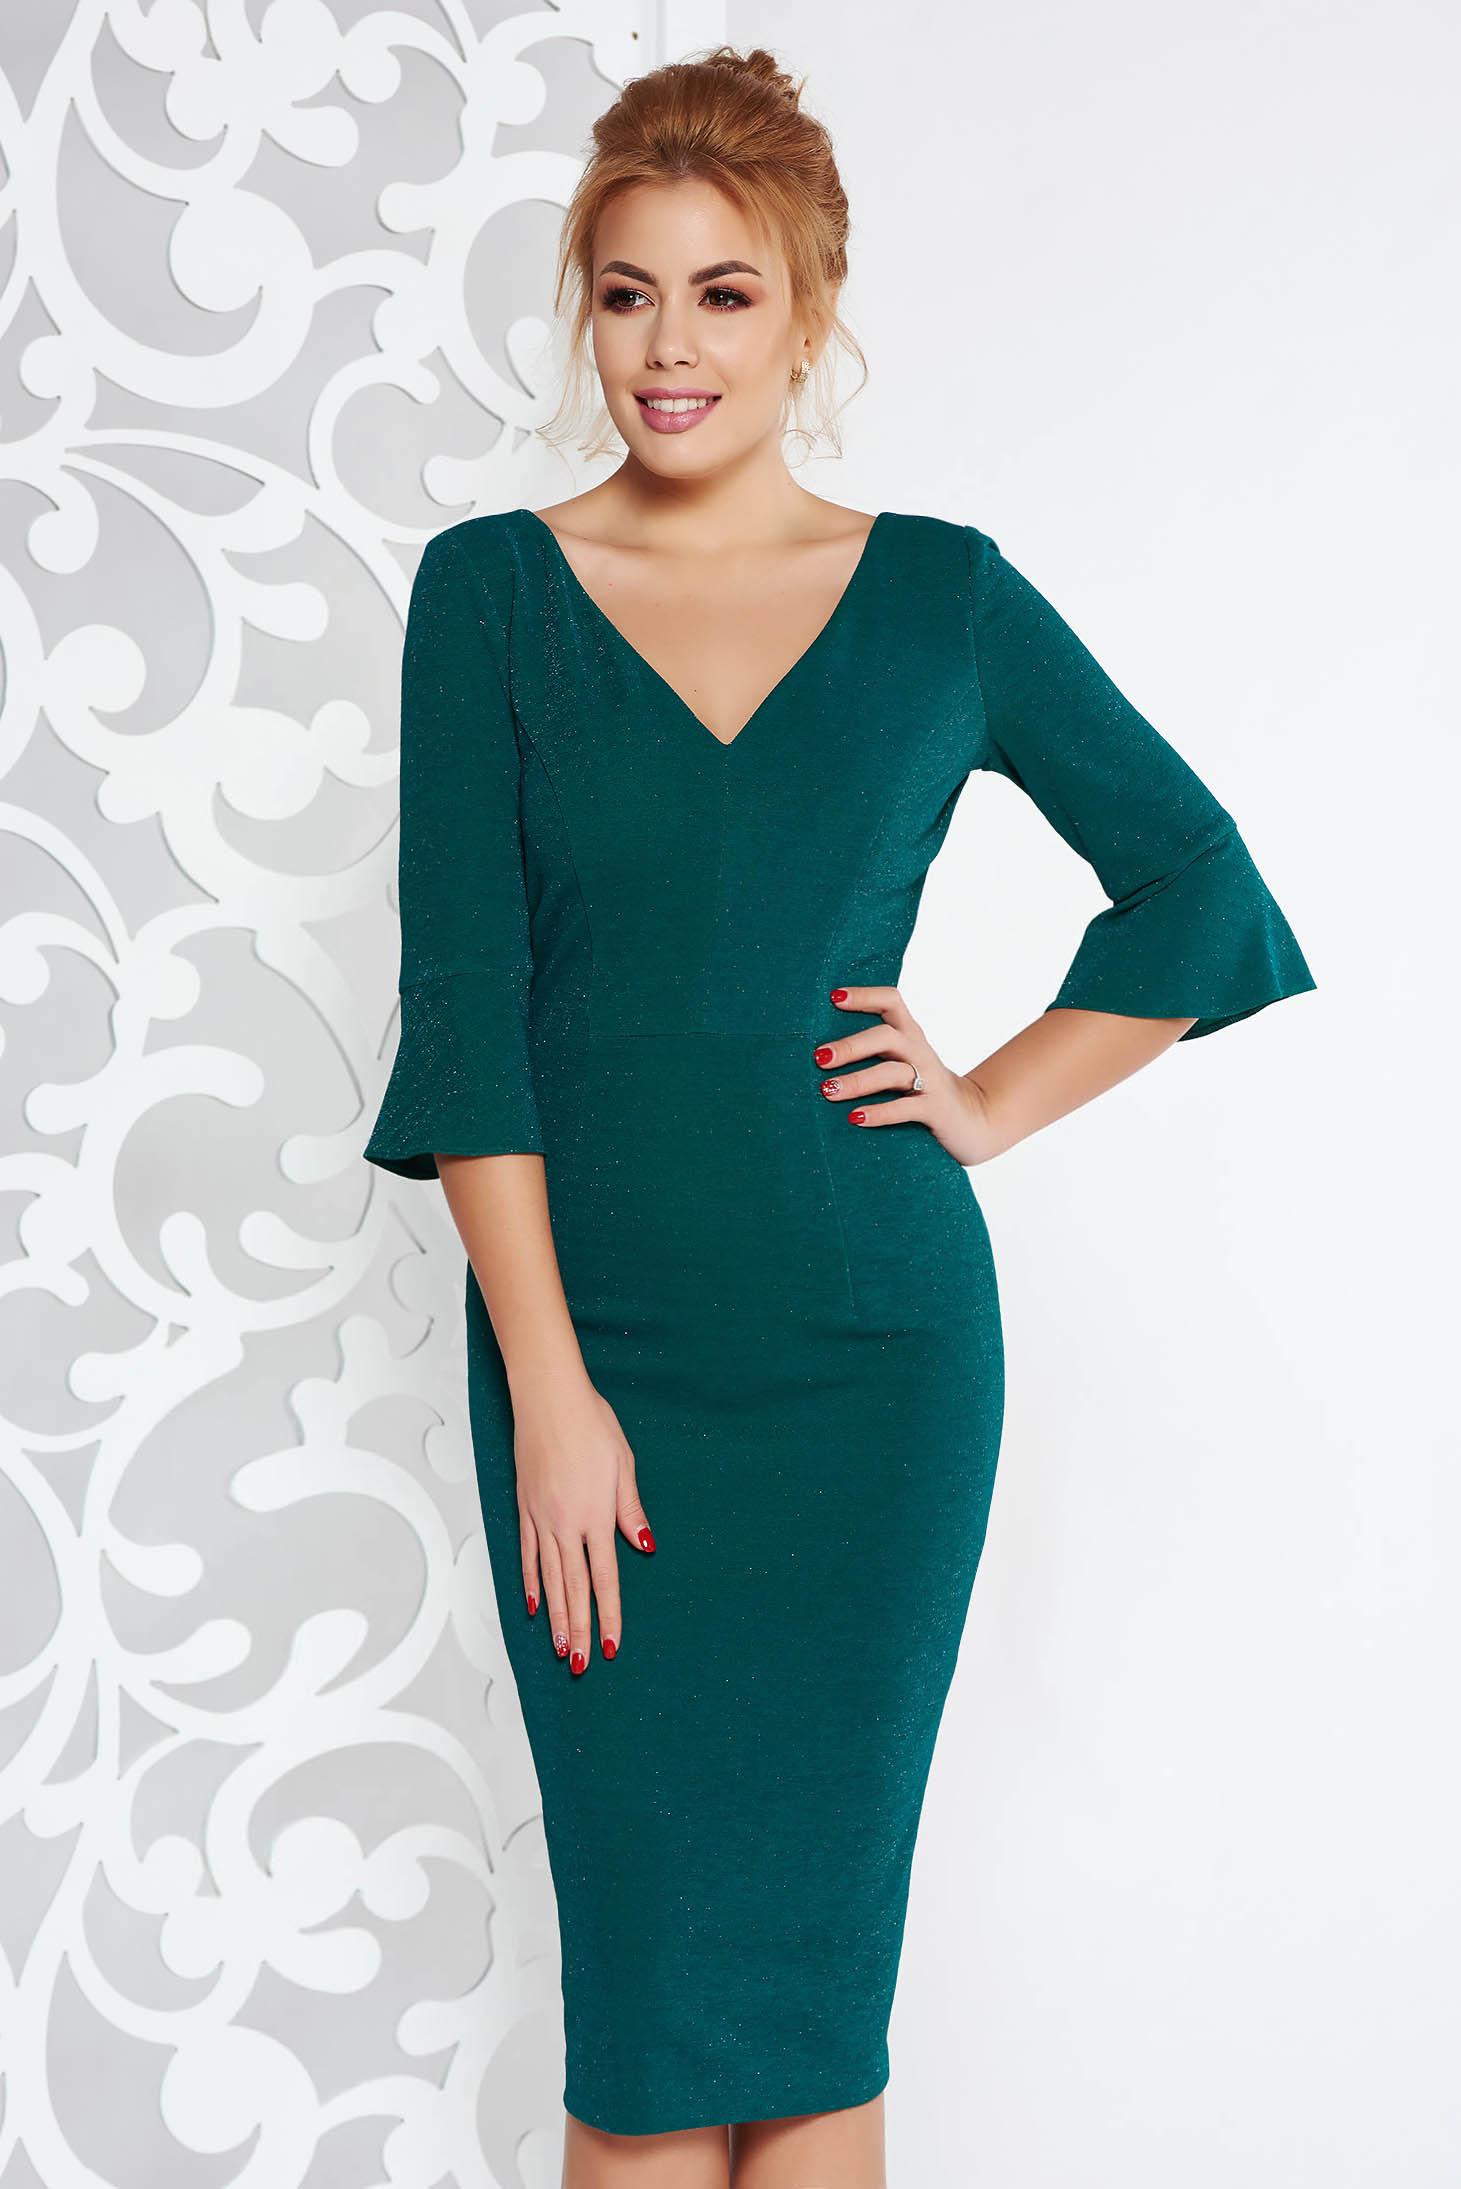 Rochie verde-inchis eleganta midi tip creion din material elastic cu fir lame captusita pe interior